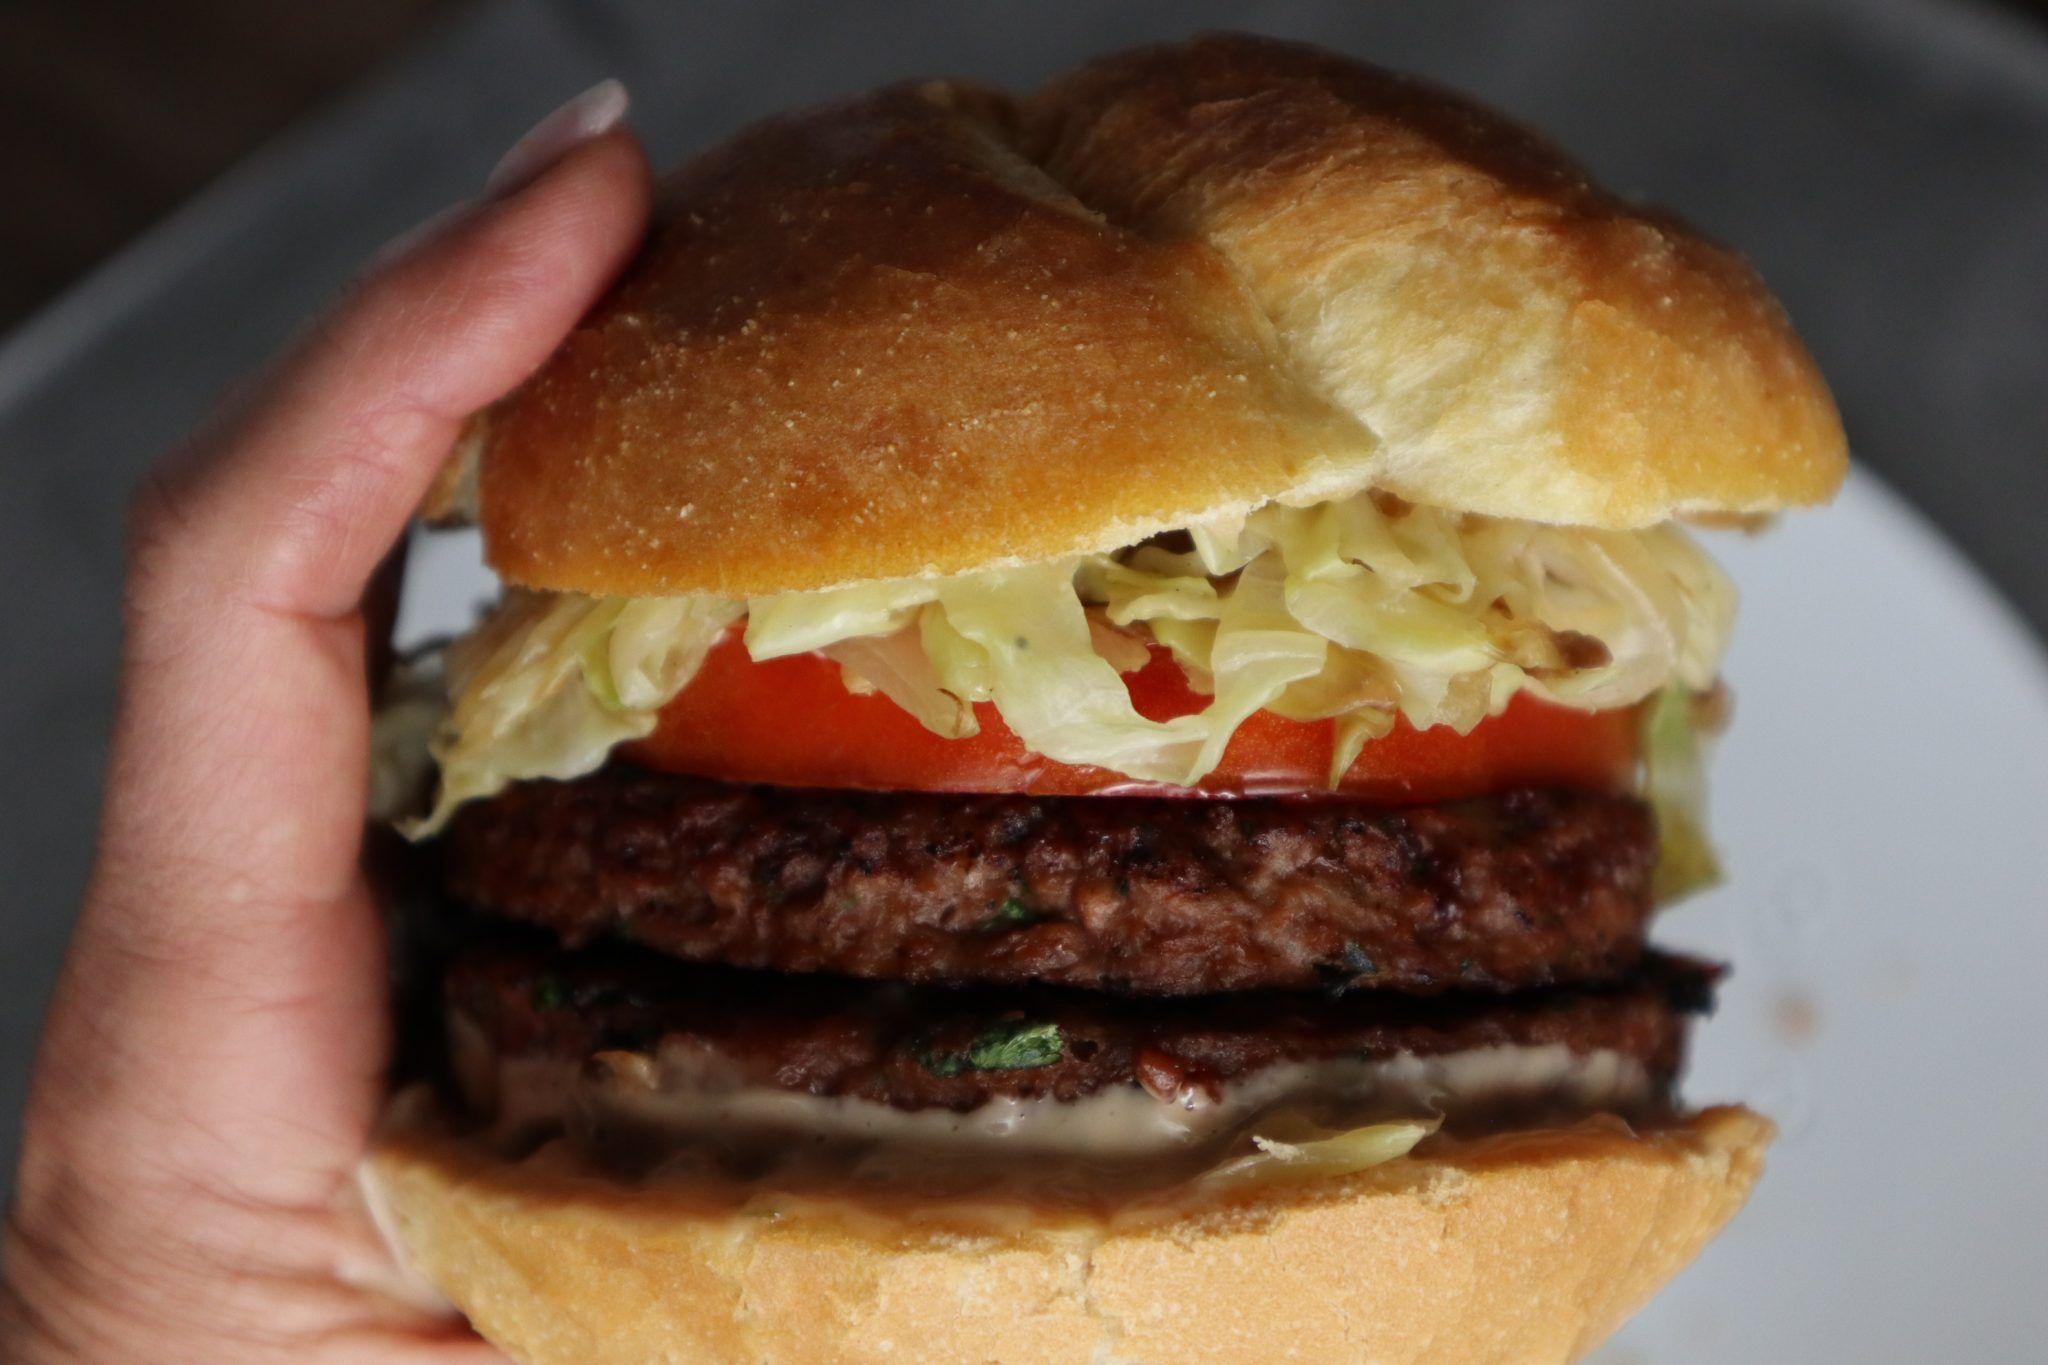 Beyond Meat Homemade Burger Vegan Grow With Doctor Jo Recipe Homemade Burgers Burger Beyond Meat Burger